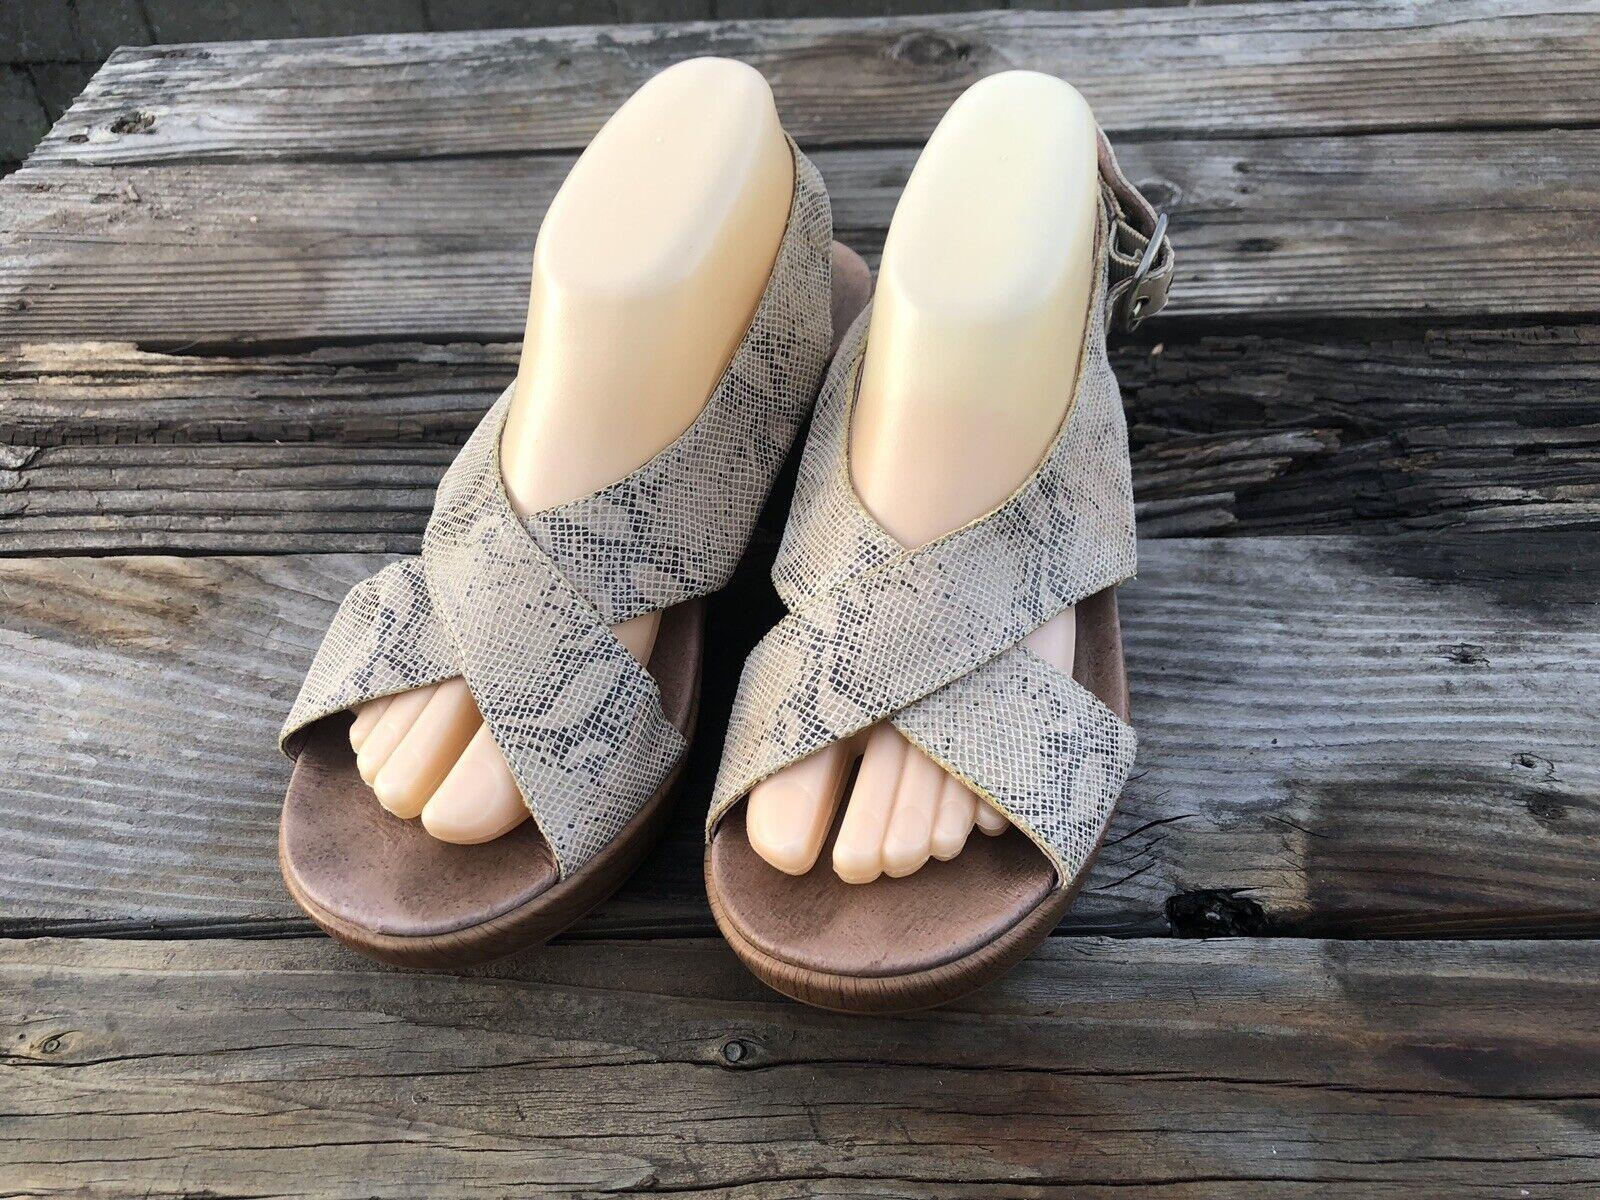 DANSKO Jacinda Size 41 Medium Platform Sandals Slingback Snakeskin Beige Comfort